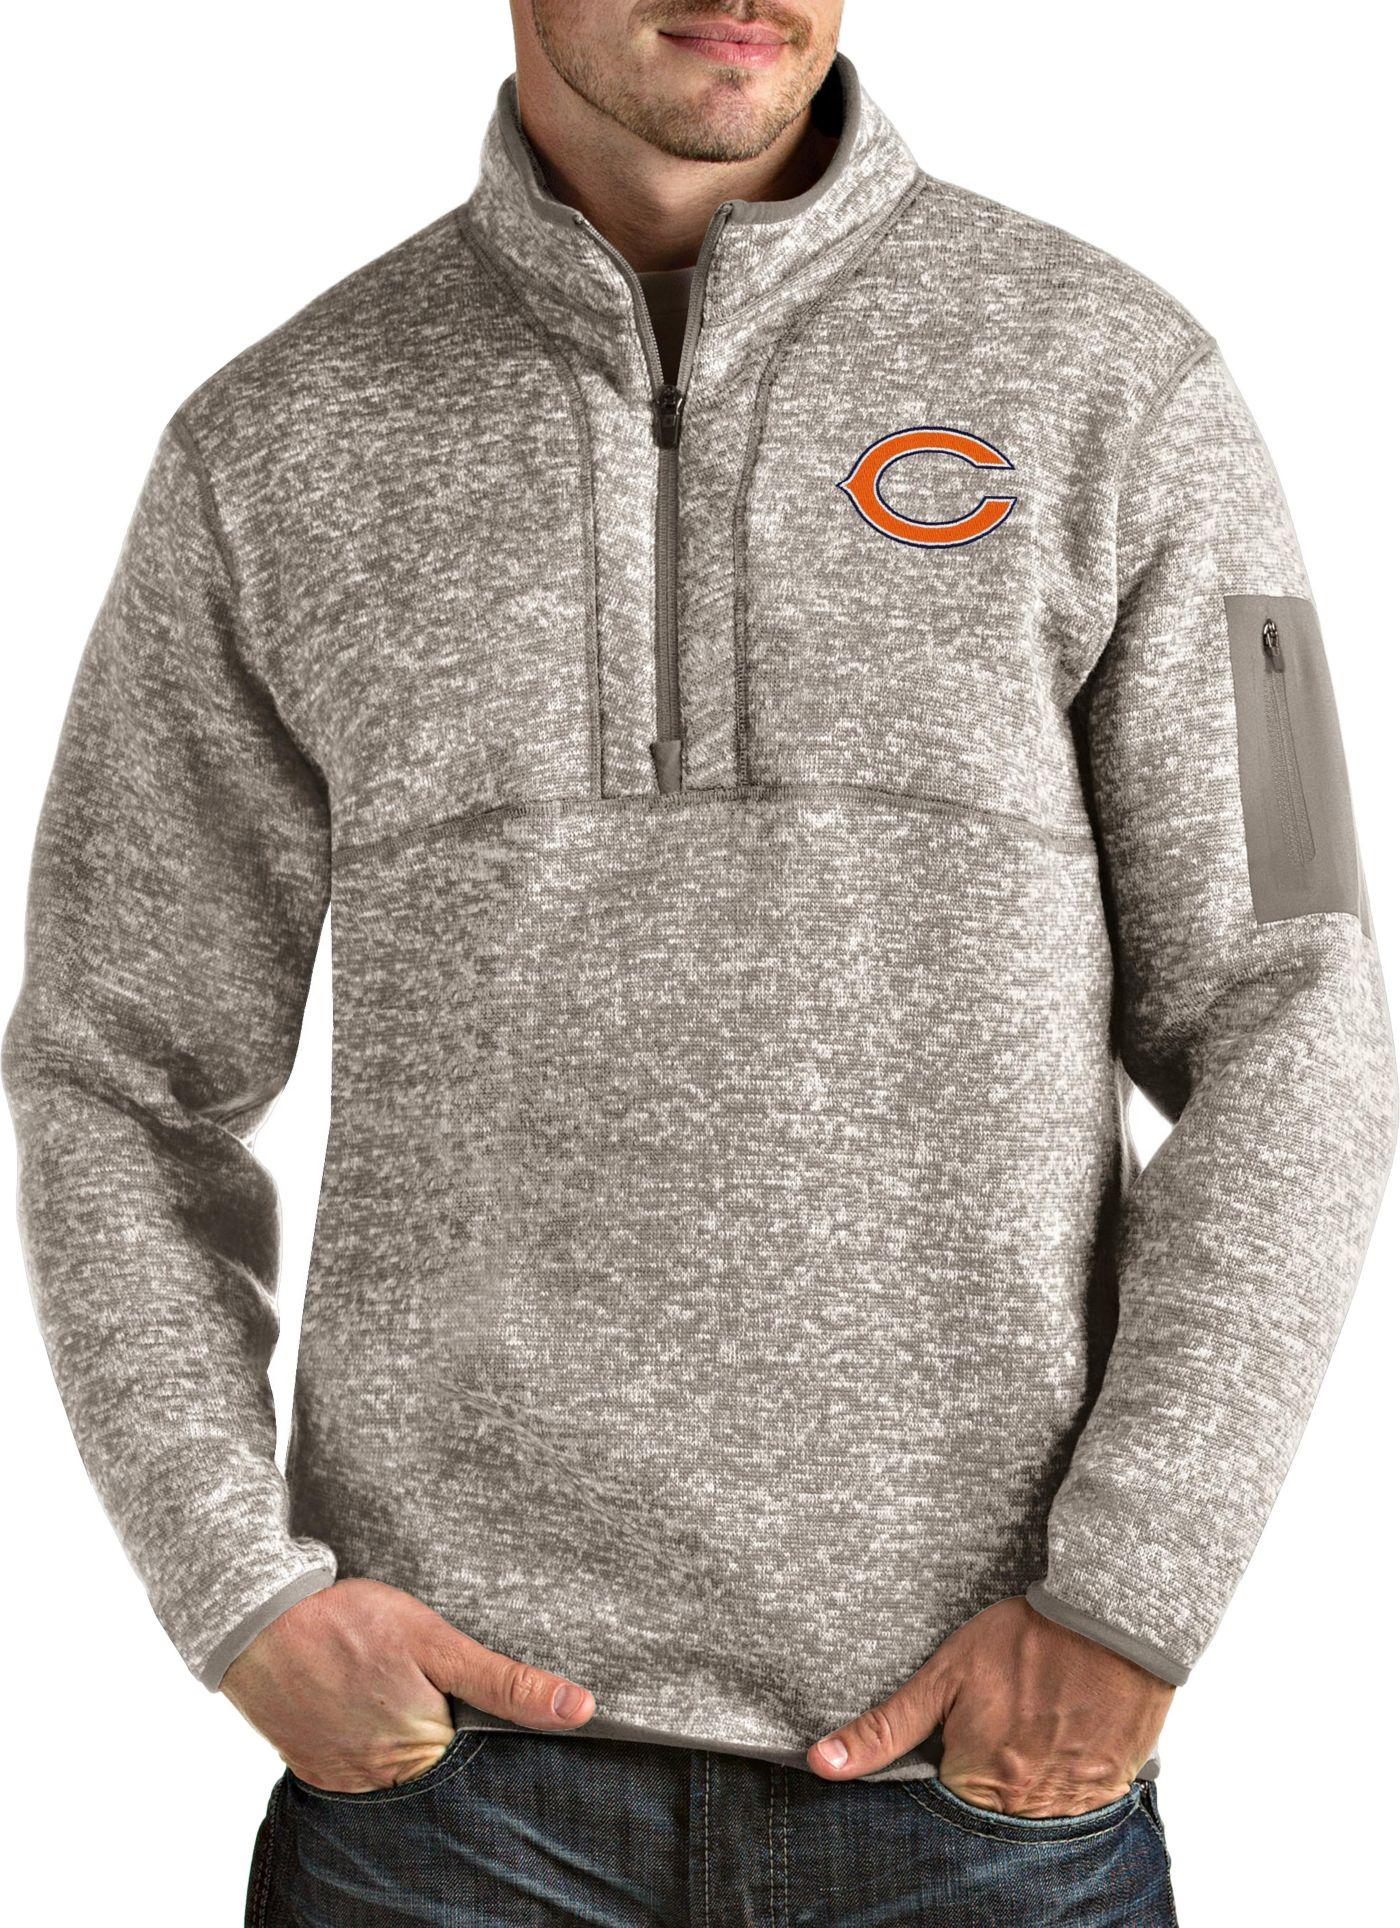 Antigua Men's Chicago Bears Fortune Quarter-Zip Oatmeal Pullover